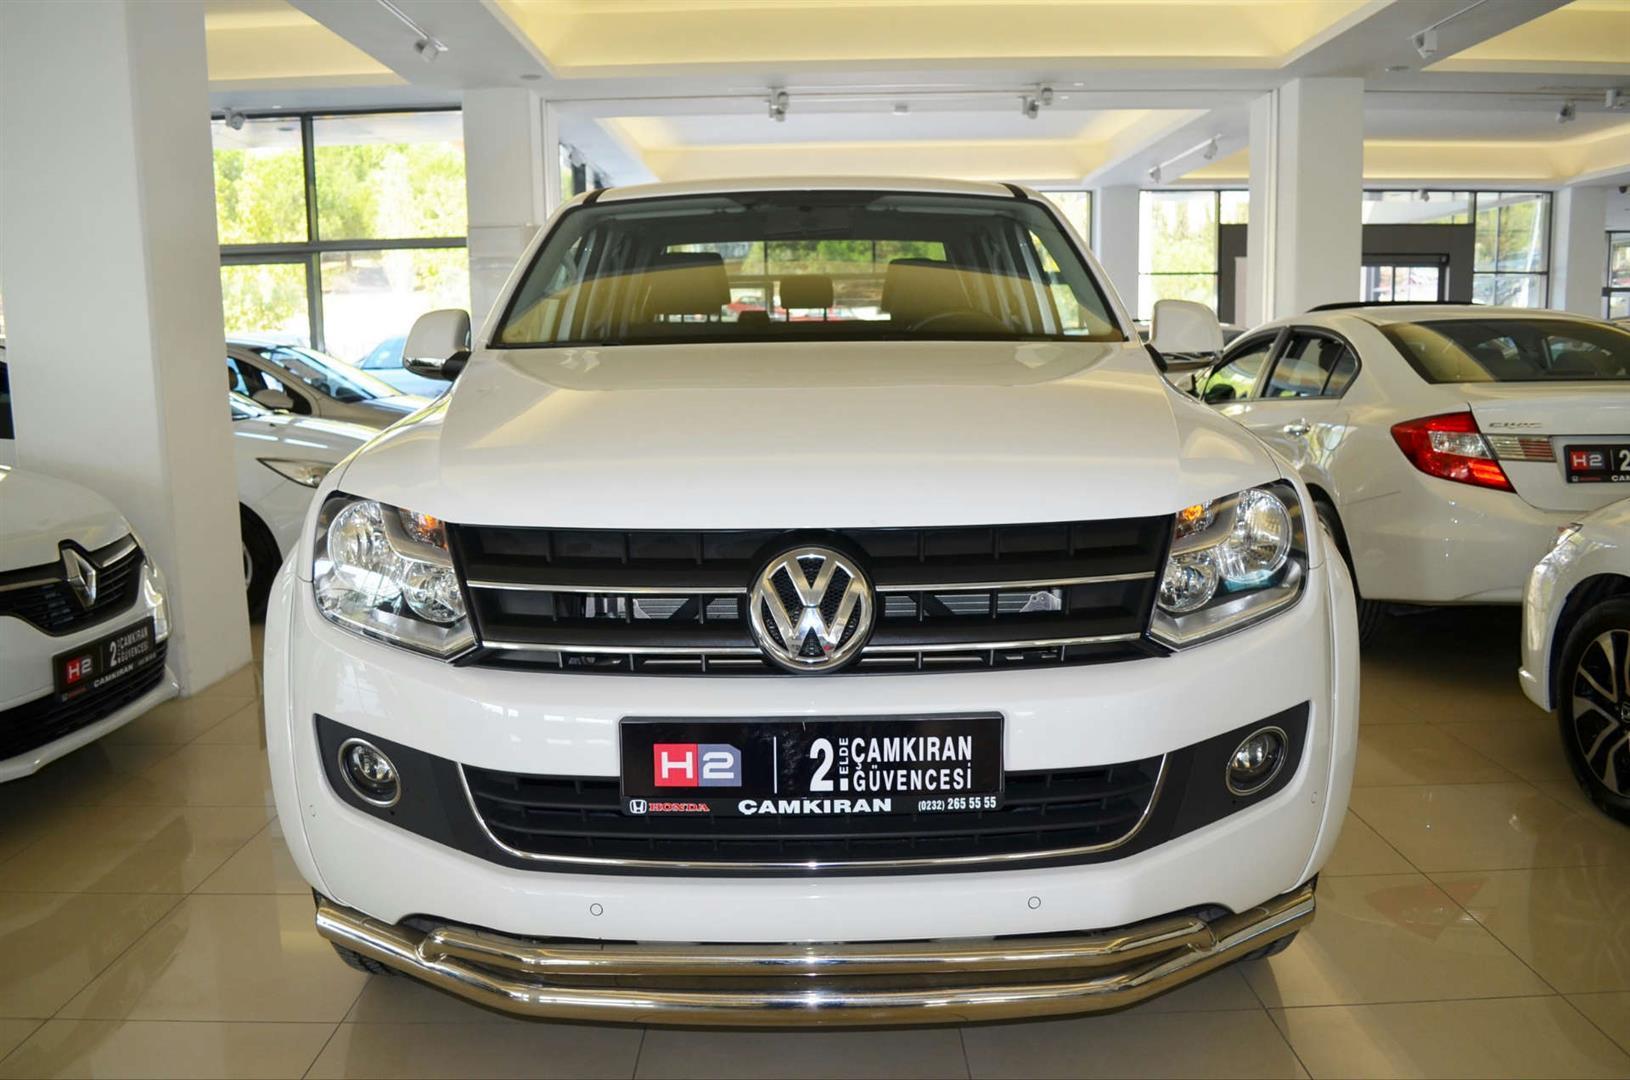 Volkswagen Amarok 20 Bitdi Highline J18 4x4 Otomatik çamkiran 2 El